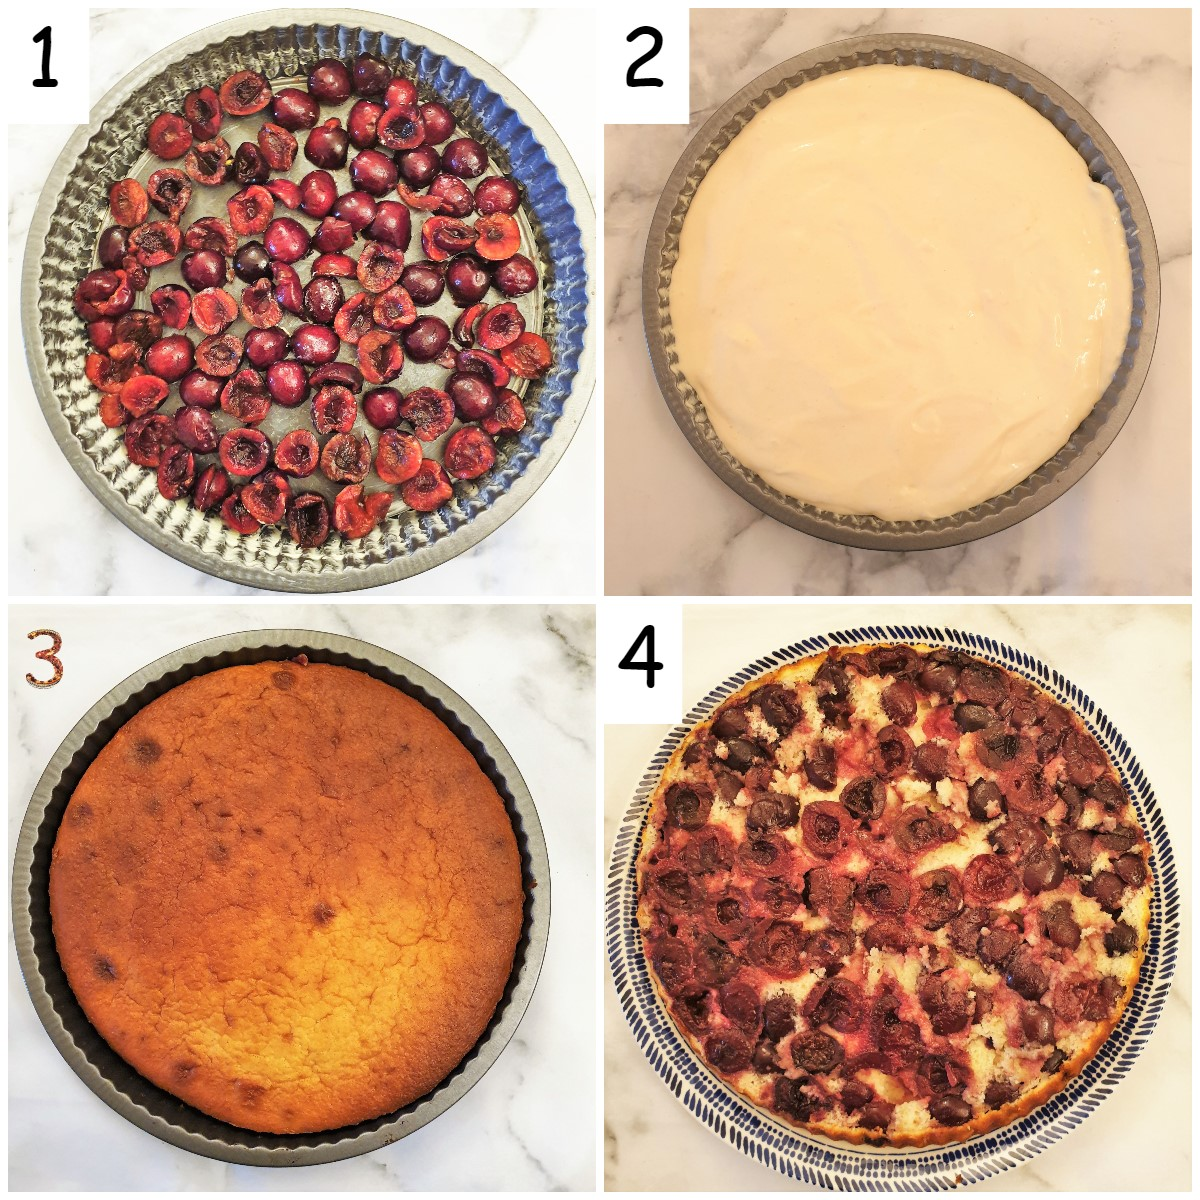 Steps for assembling the cherry cake.